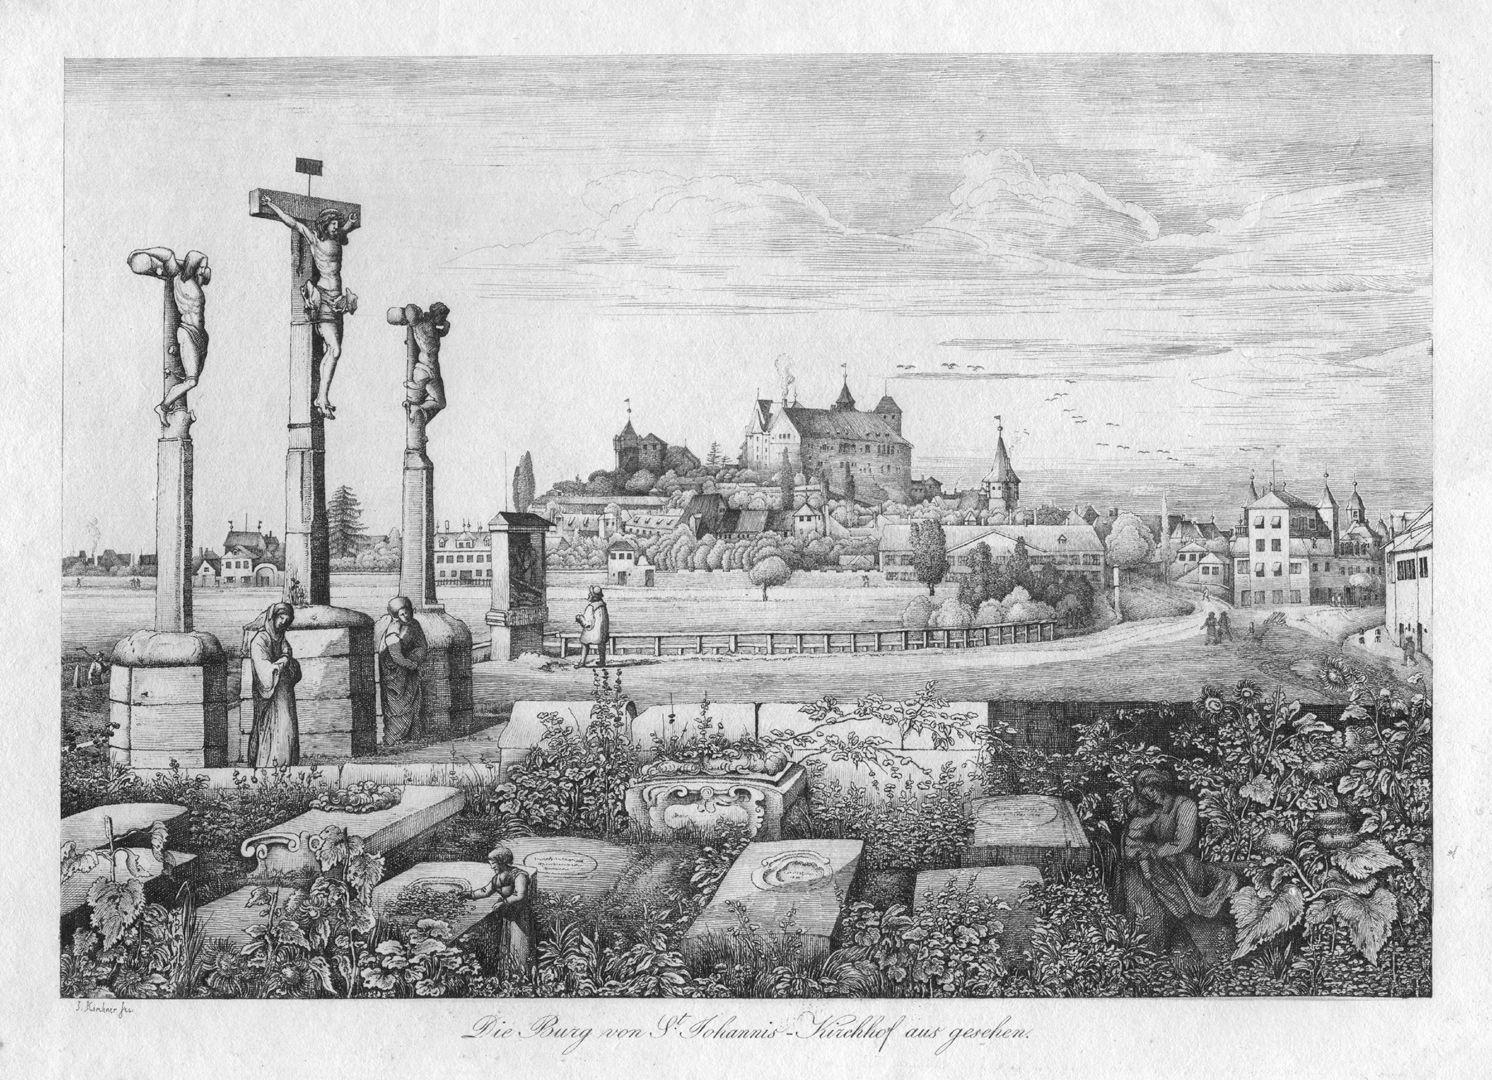 Die Burg von St Johannis-Kirchhof aus gesehen